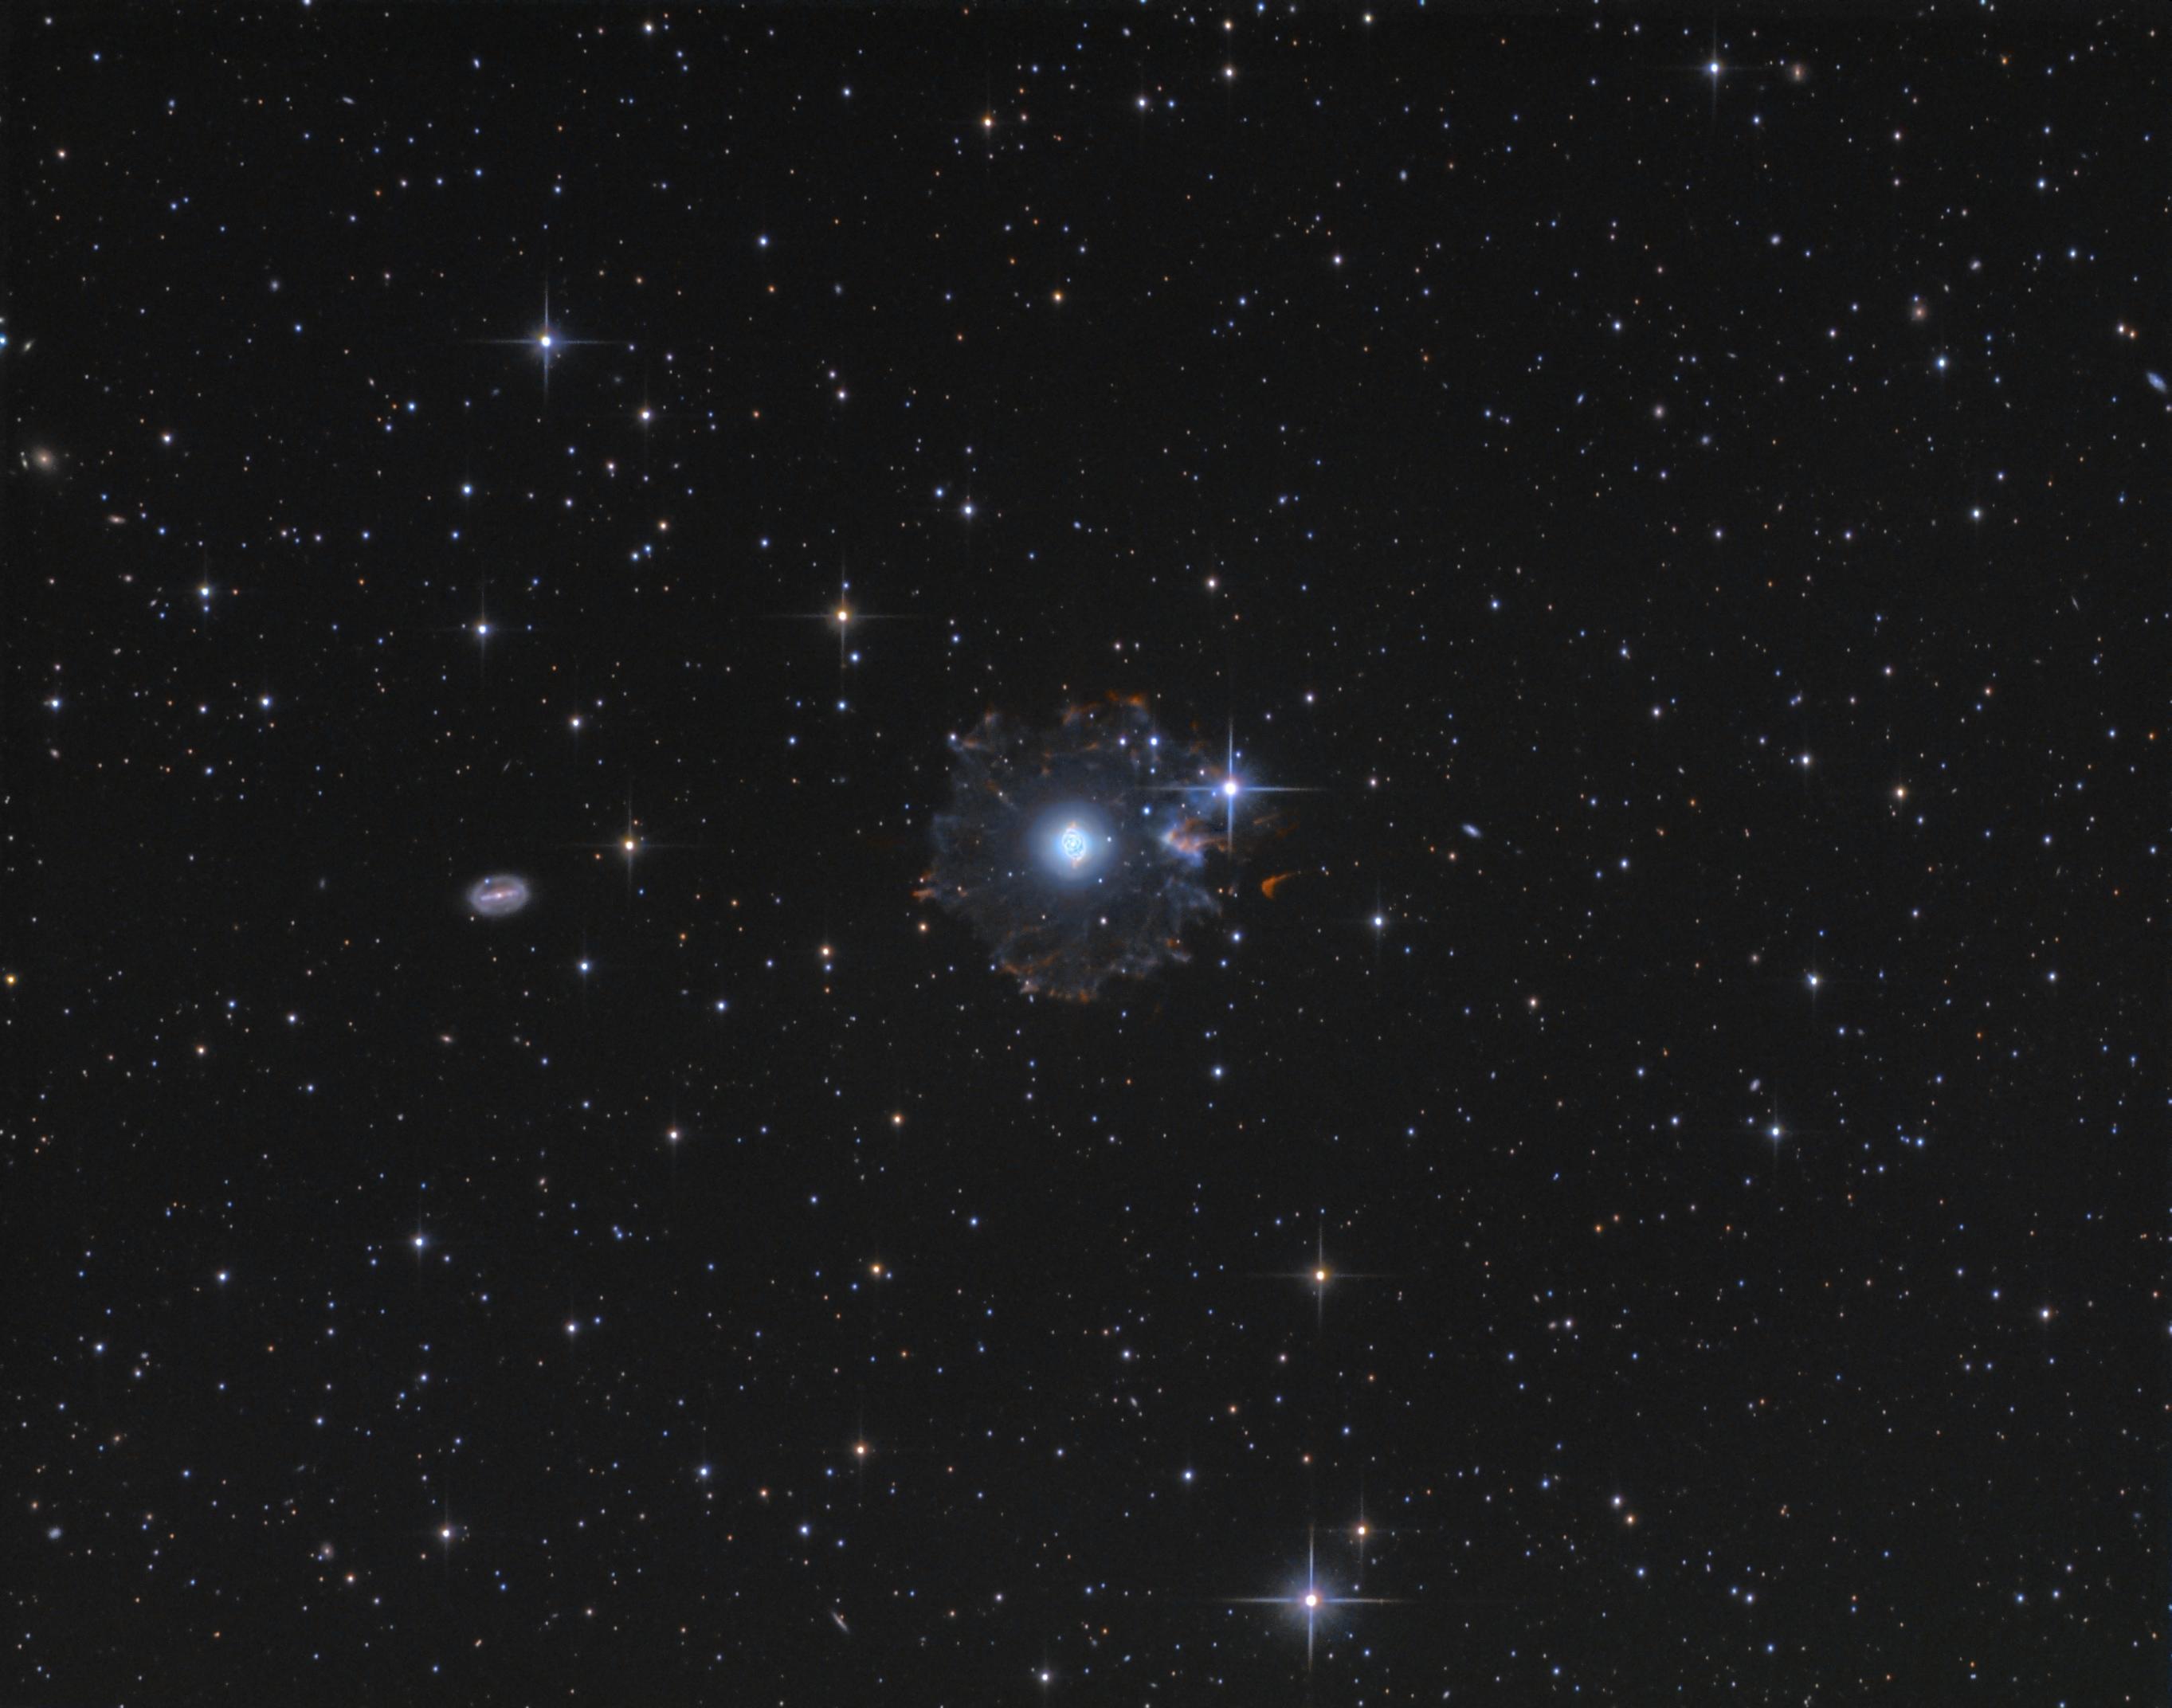 Le flocon du compte à rebours - NGC6543 Picture-4310fb0b7cea01f3e529c6b2b3f504a6-original